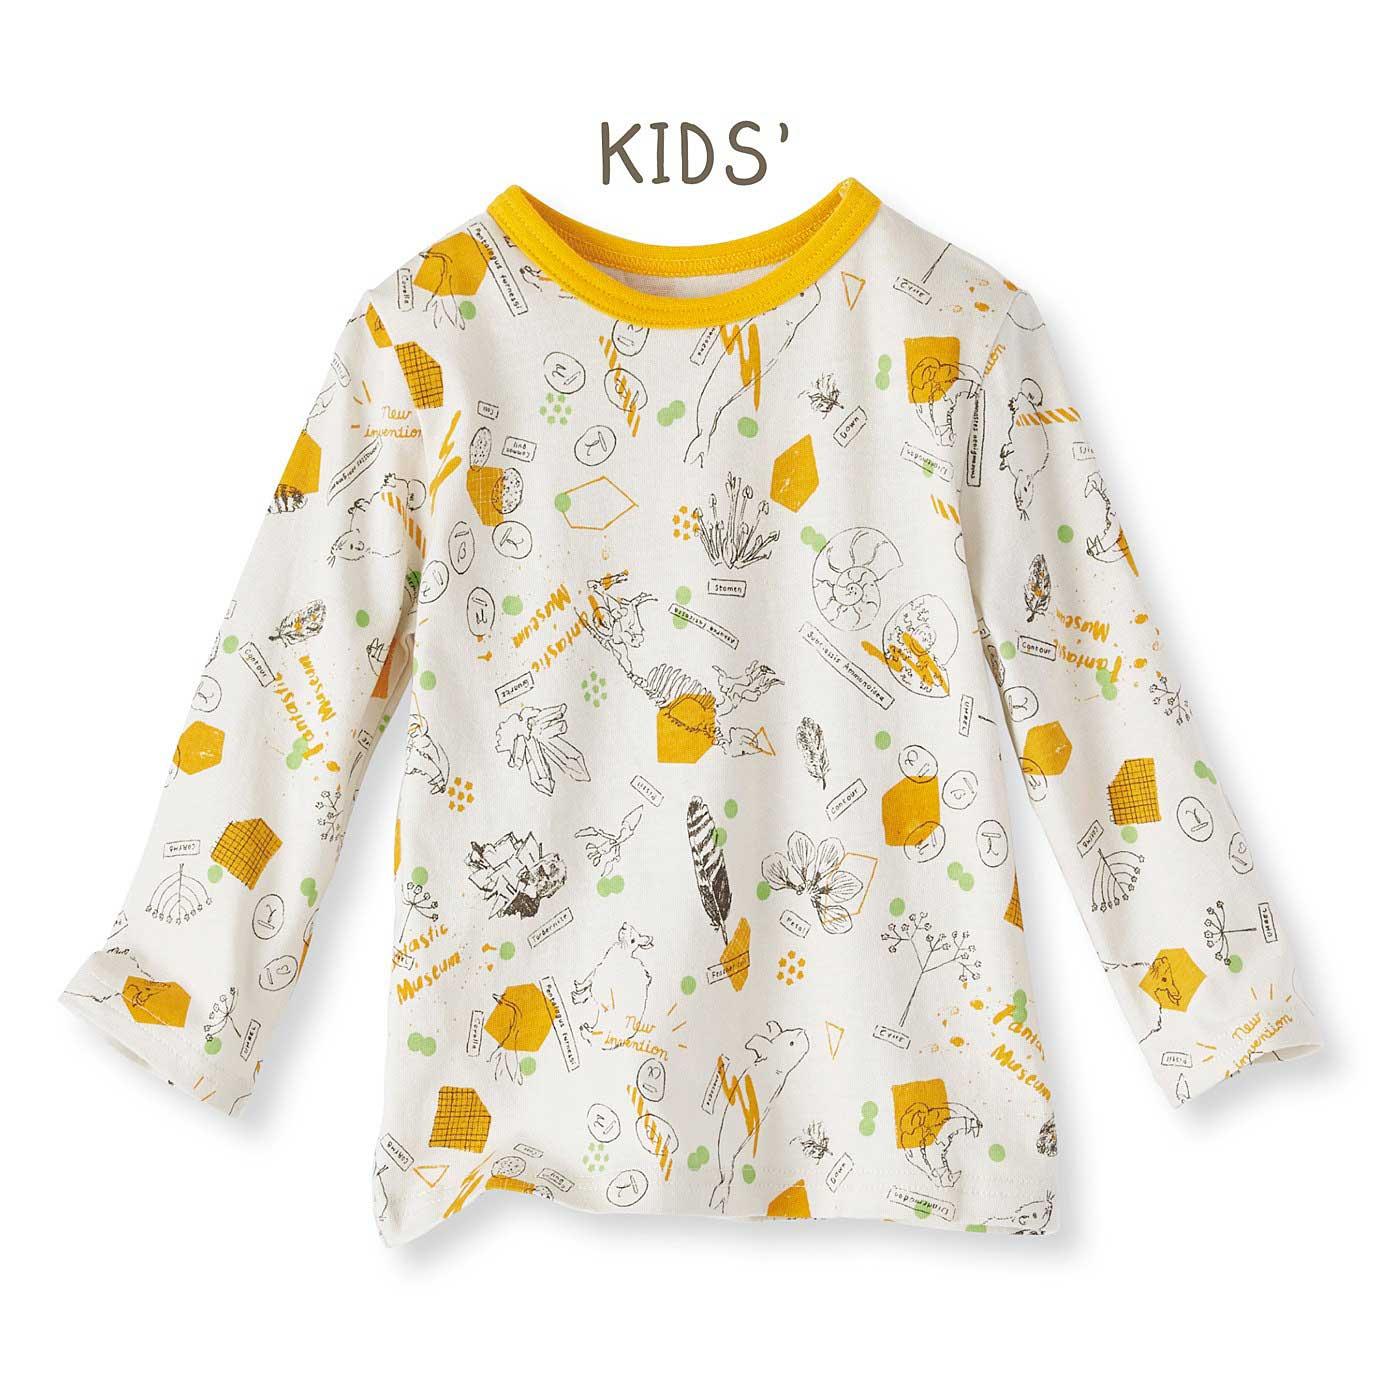 ママイラストレーターよしいちひろさんとつくった 親子でミュージアム気分に浸れるTシャツ〈キッズ〉